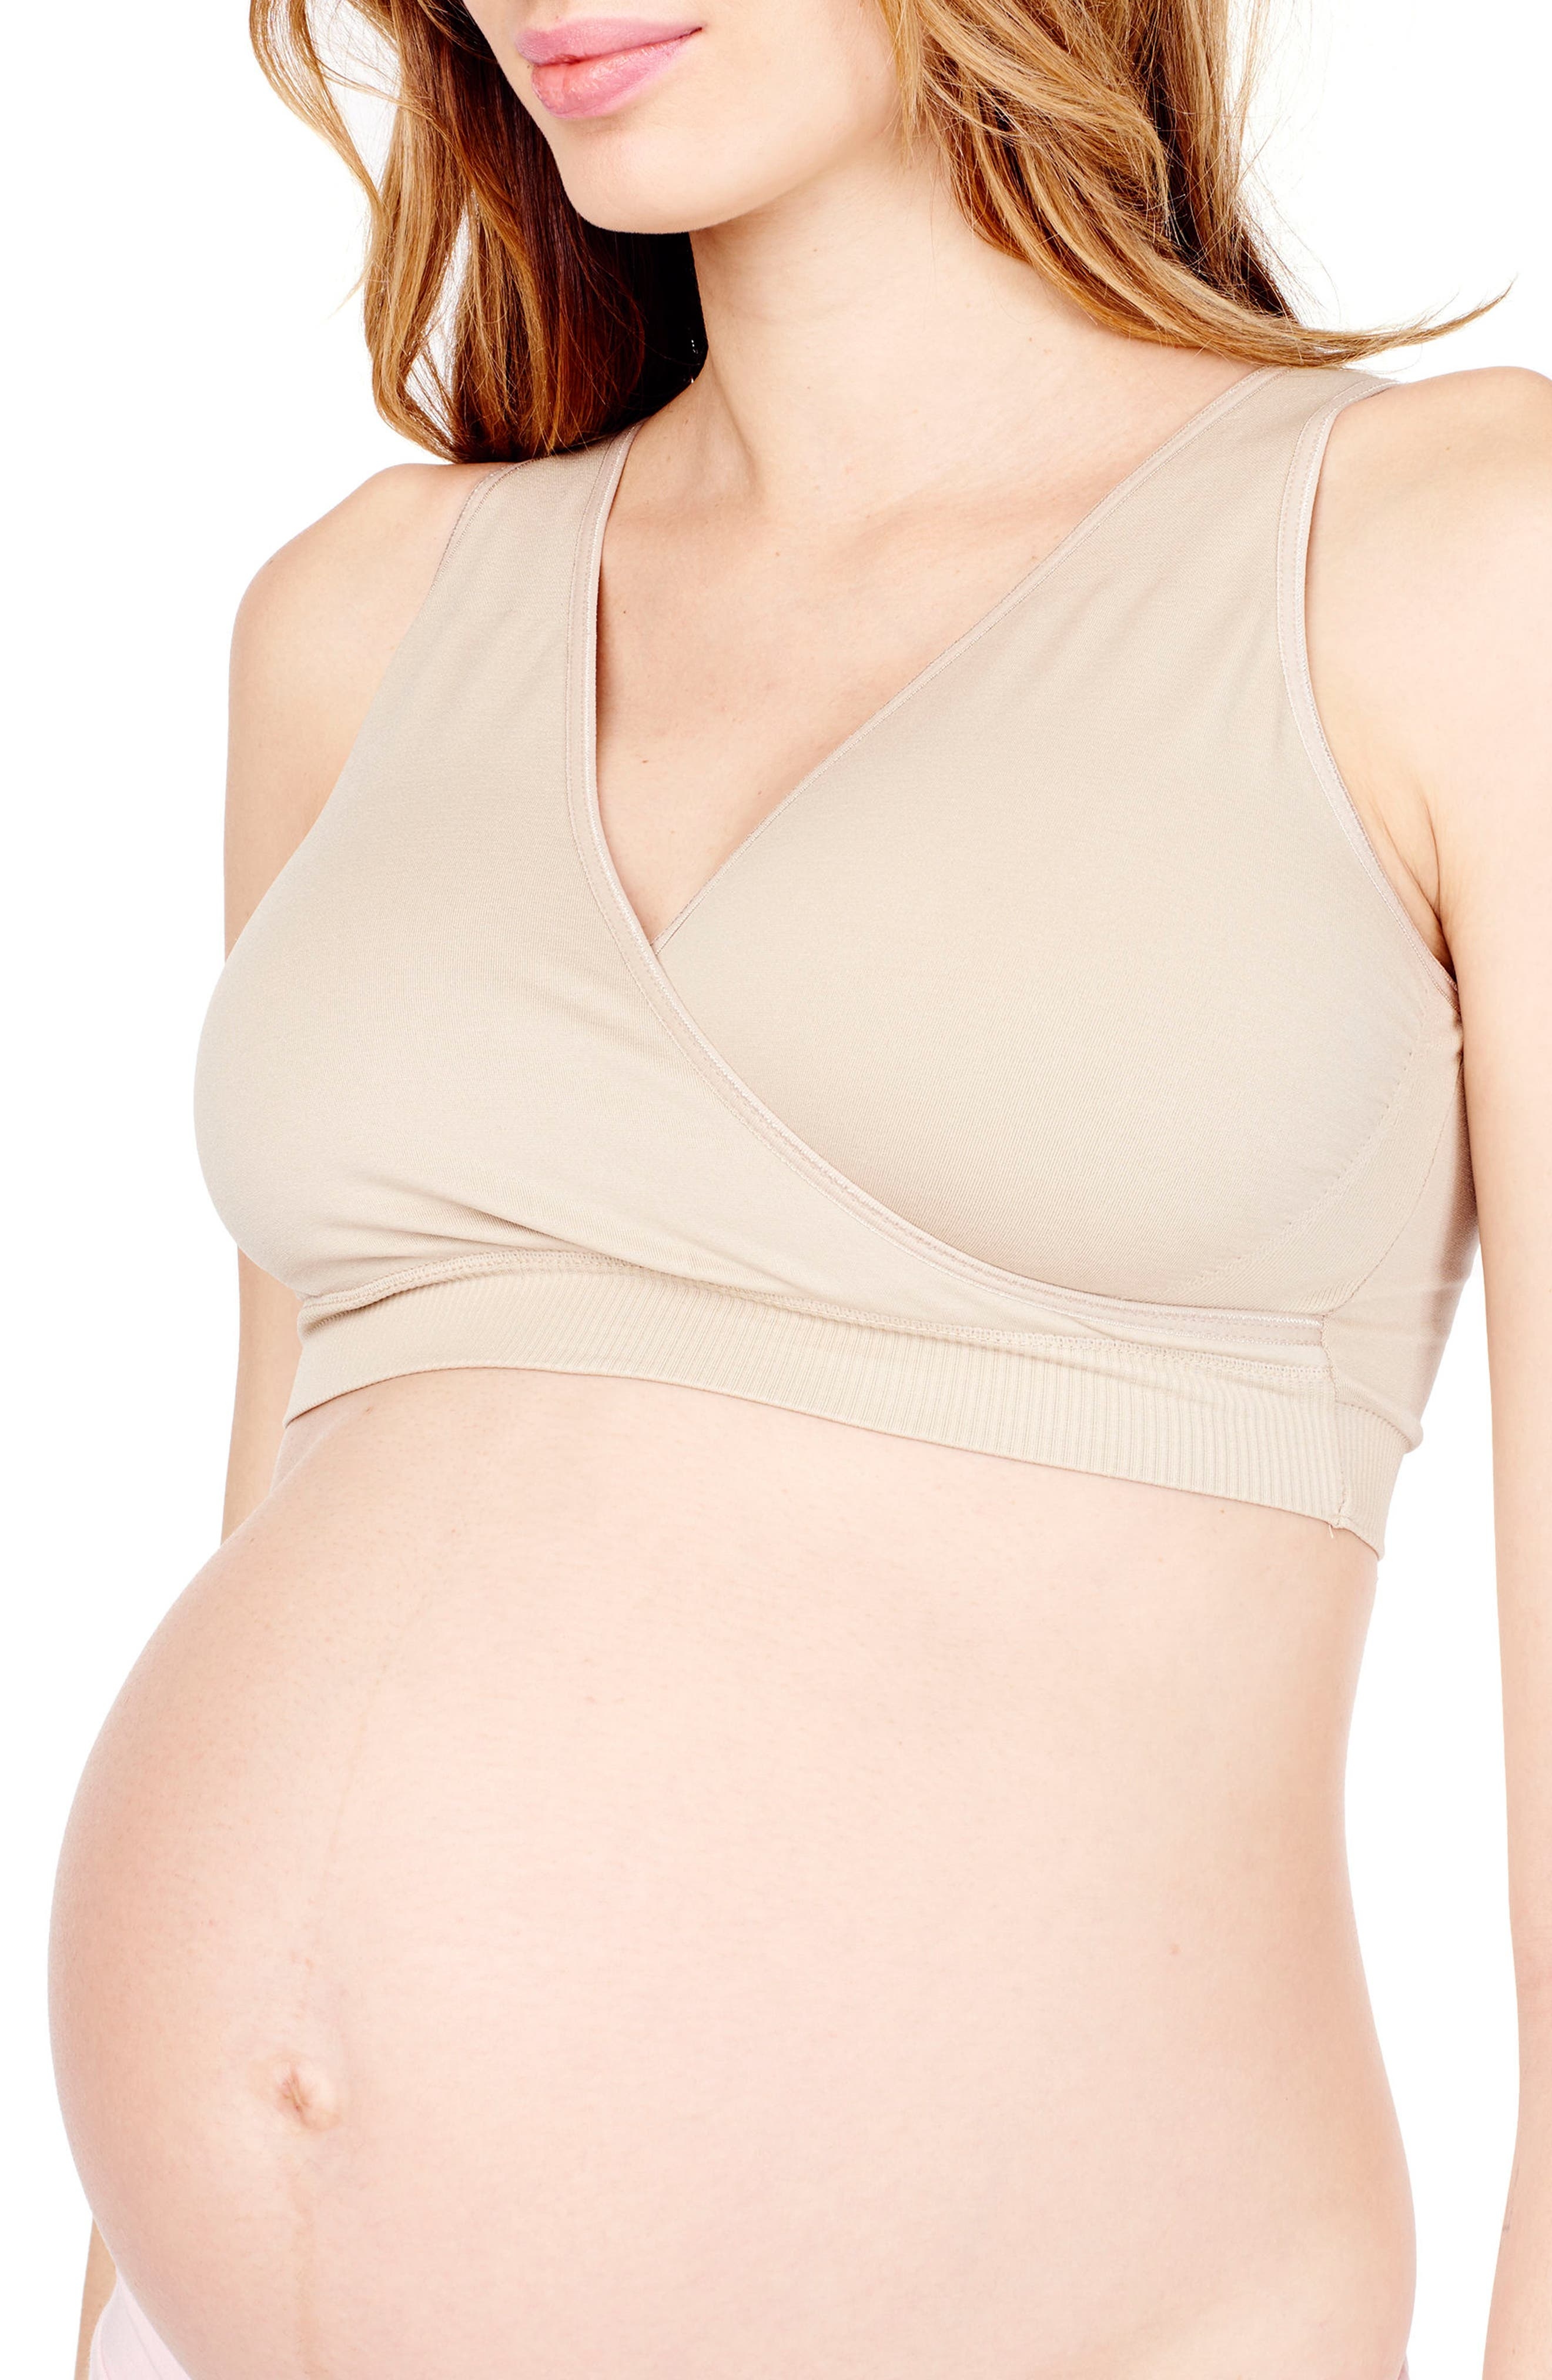 Ingrid & Isabel® Seamless Maternity/Nursing Bra